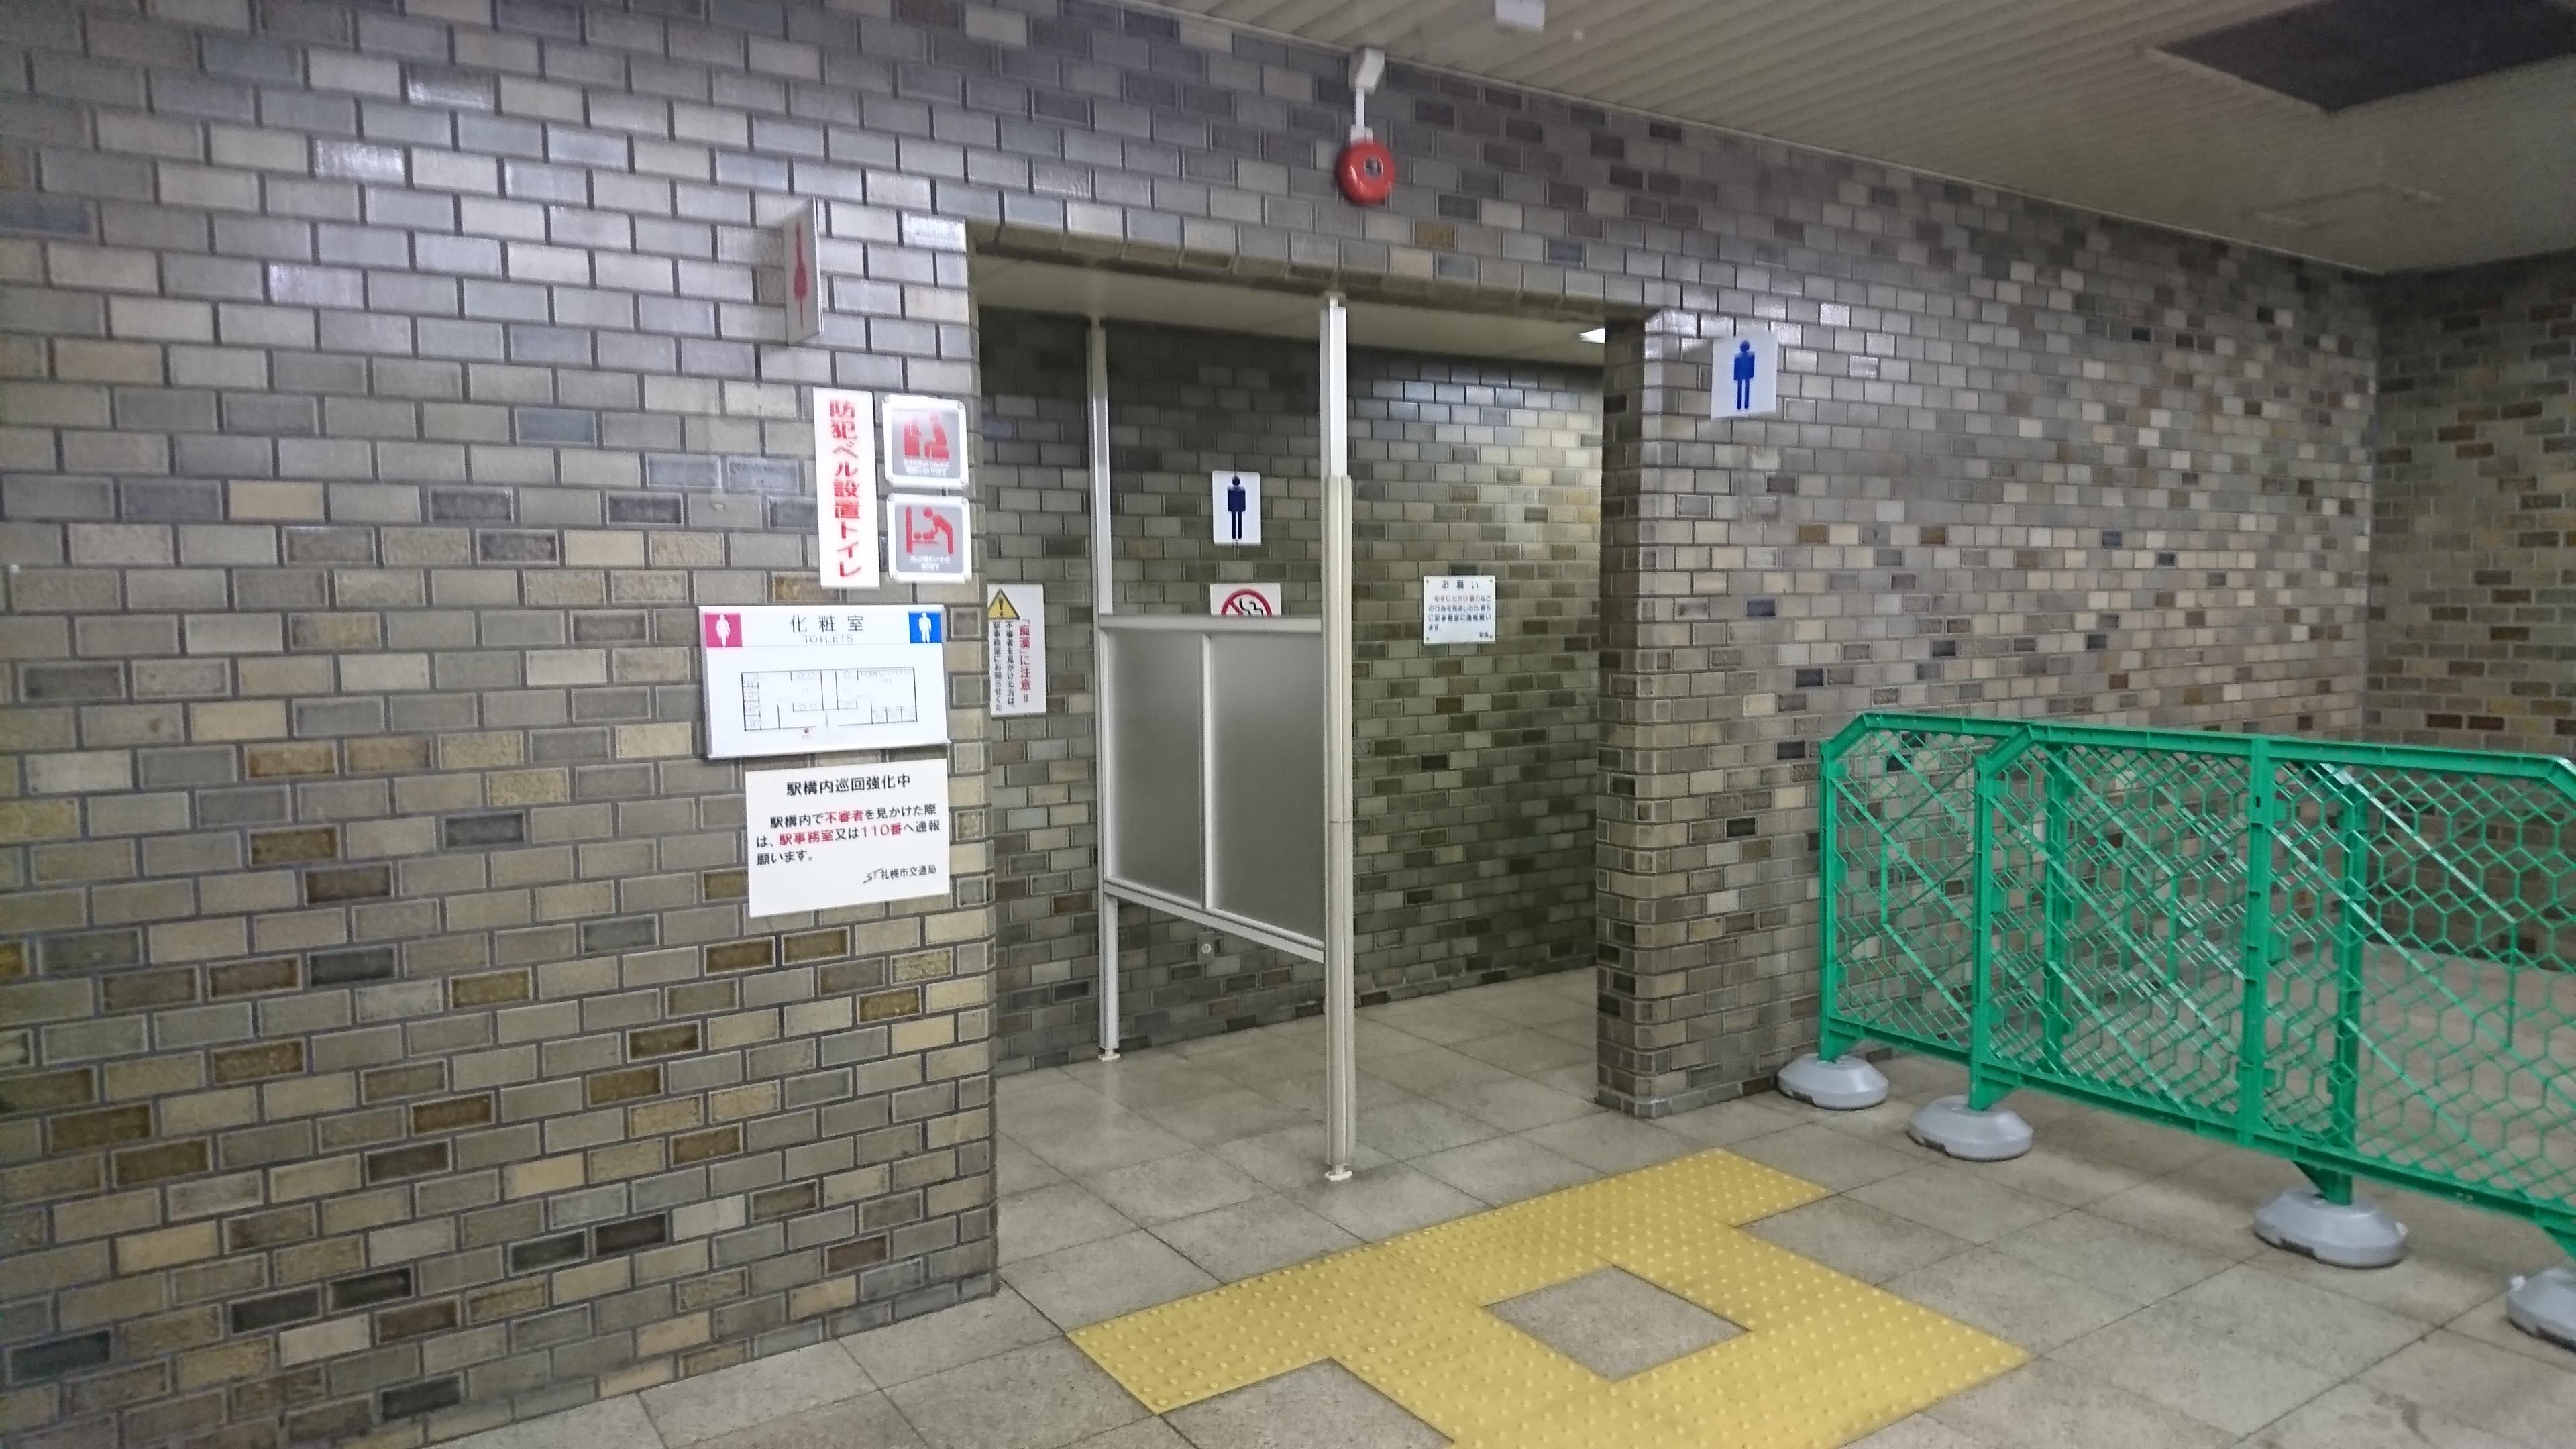 テレクラ 殺人 事件 札幌